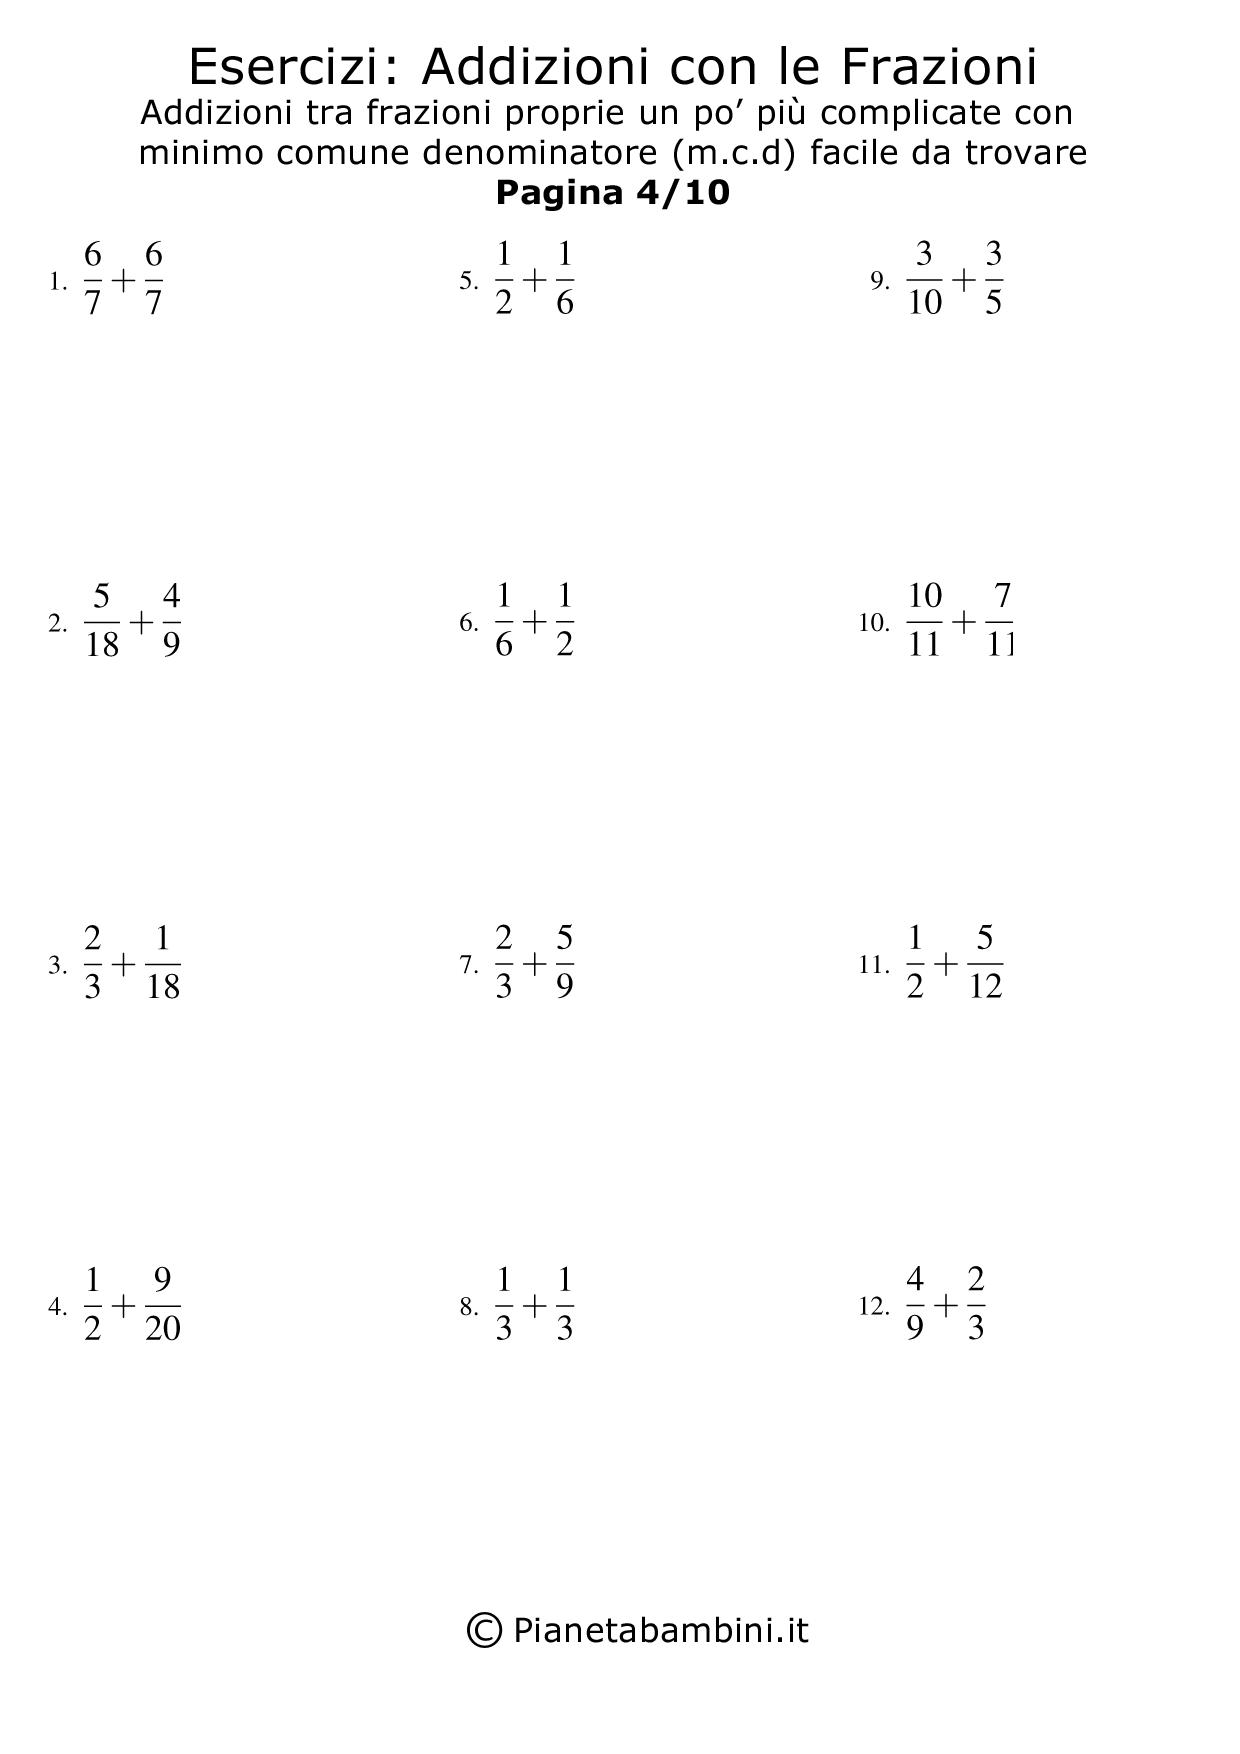 Frazioni-Complicate-m.c.d-Facile_04